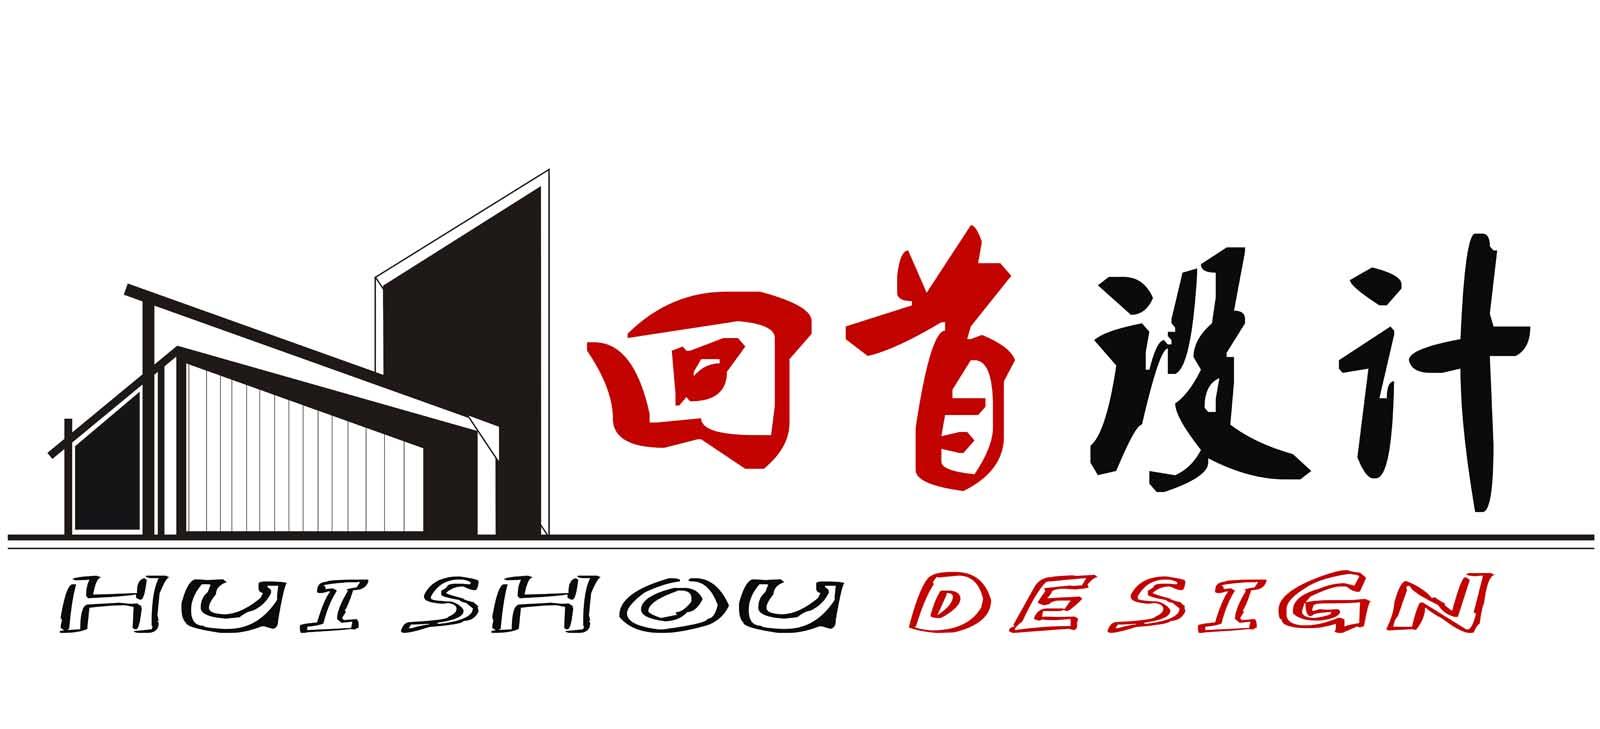 杭州回首设计事务所丽水站点